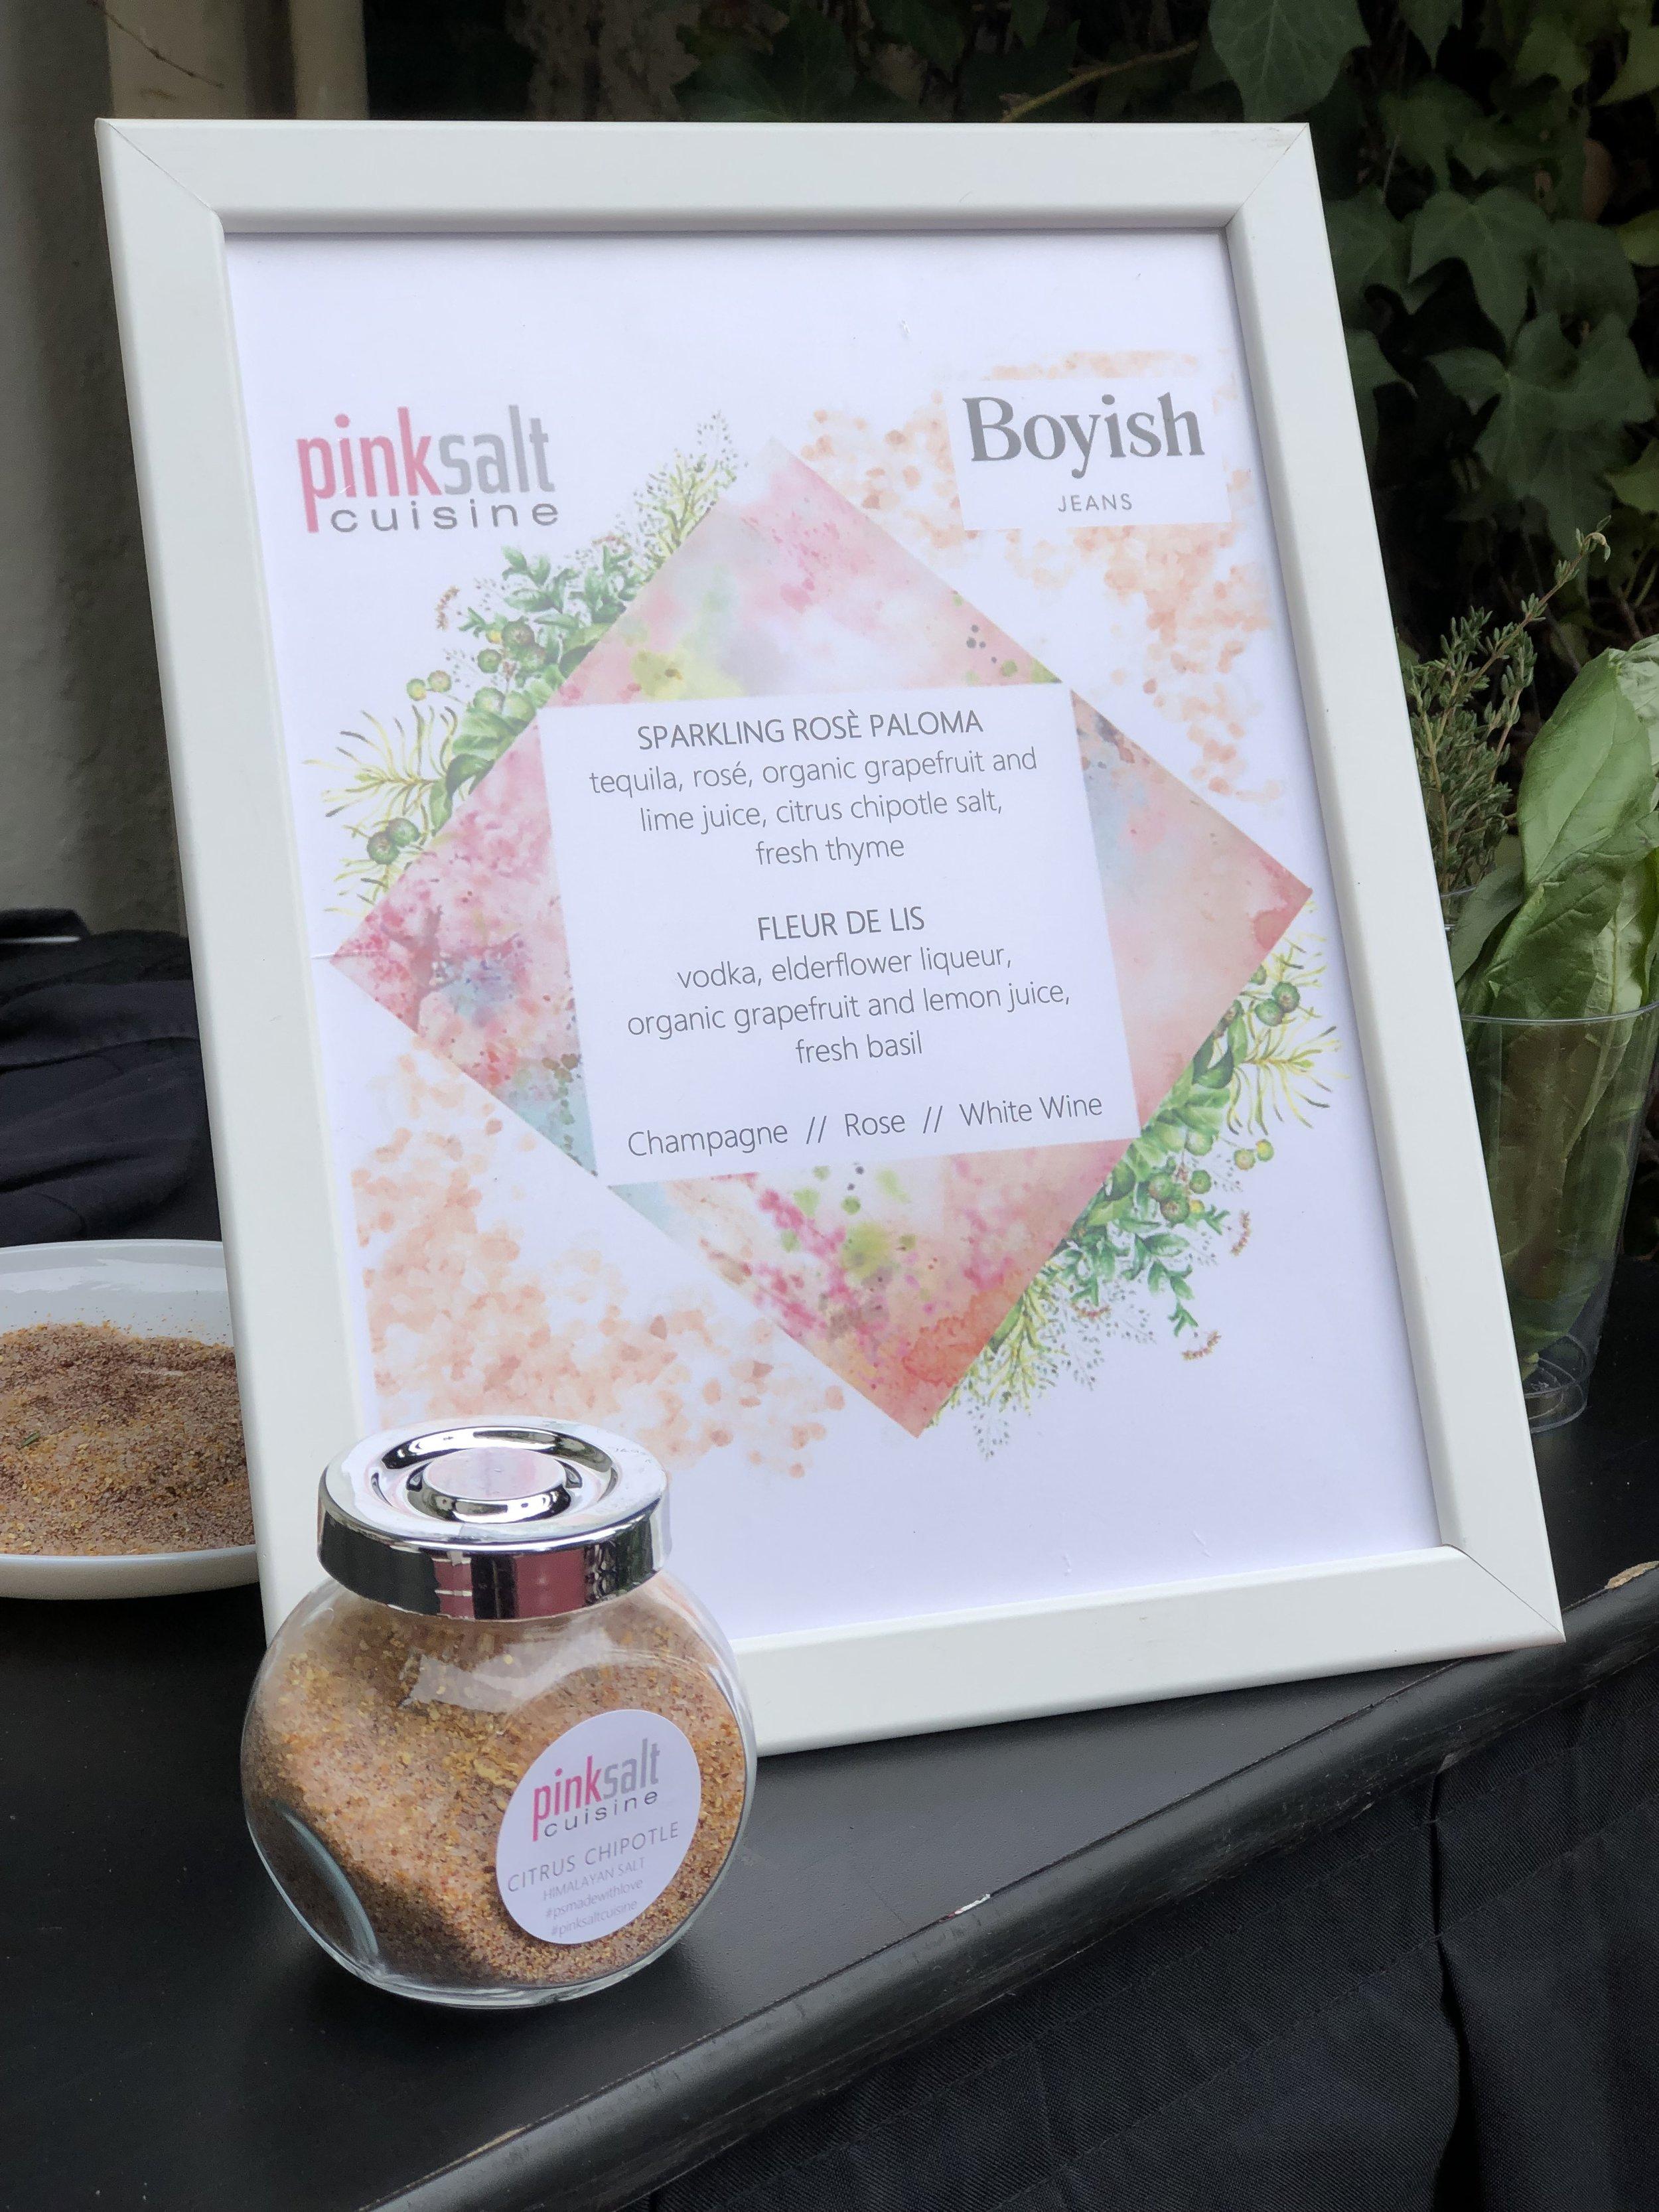 Pink Salt Cuisine - Boyish Jeans - Salt Blend